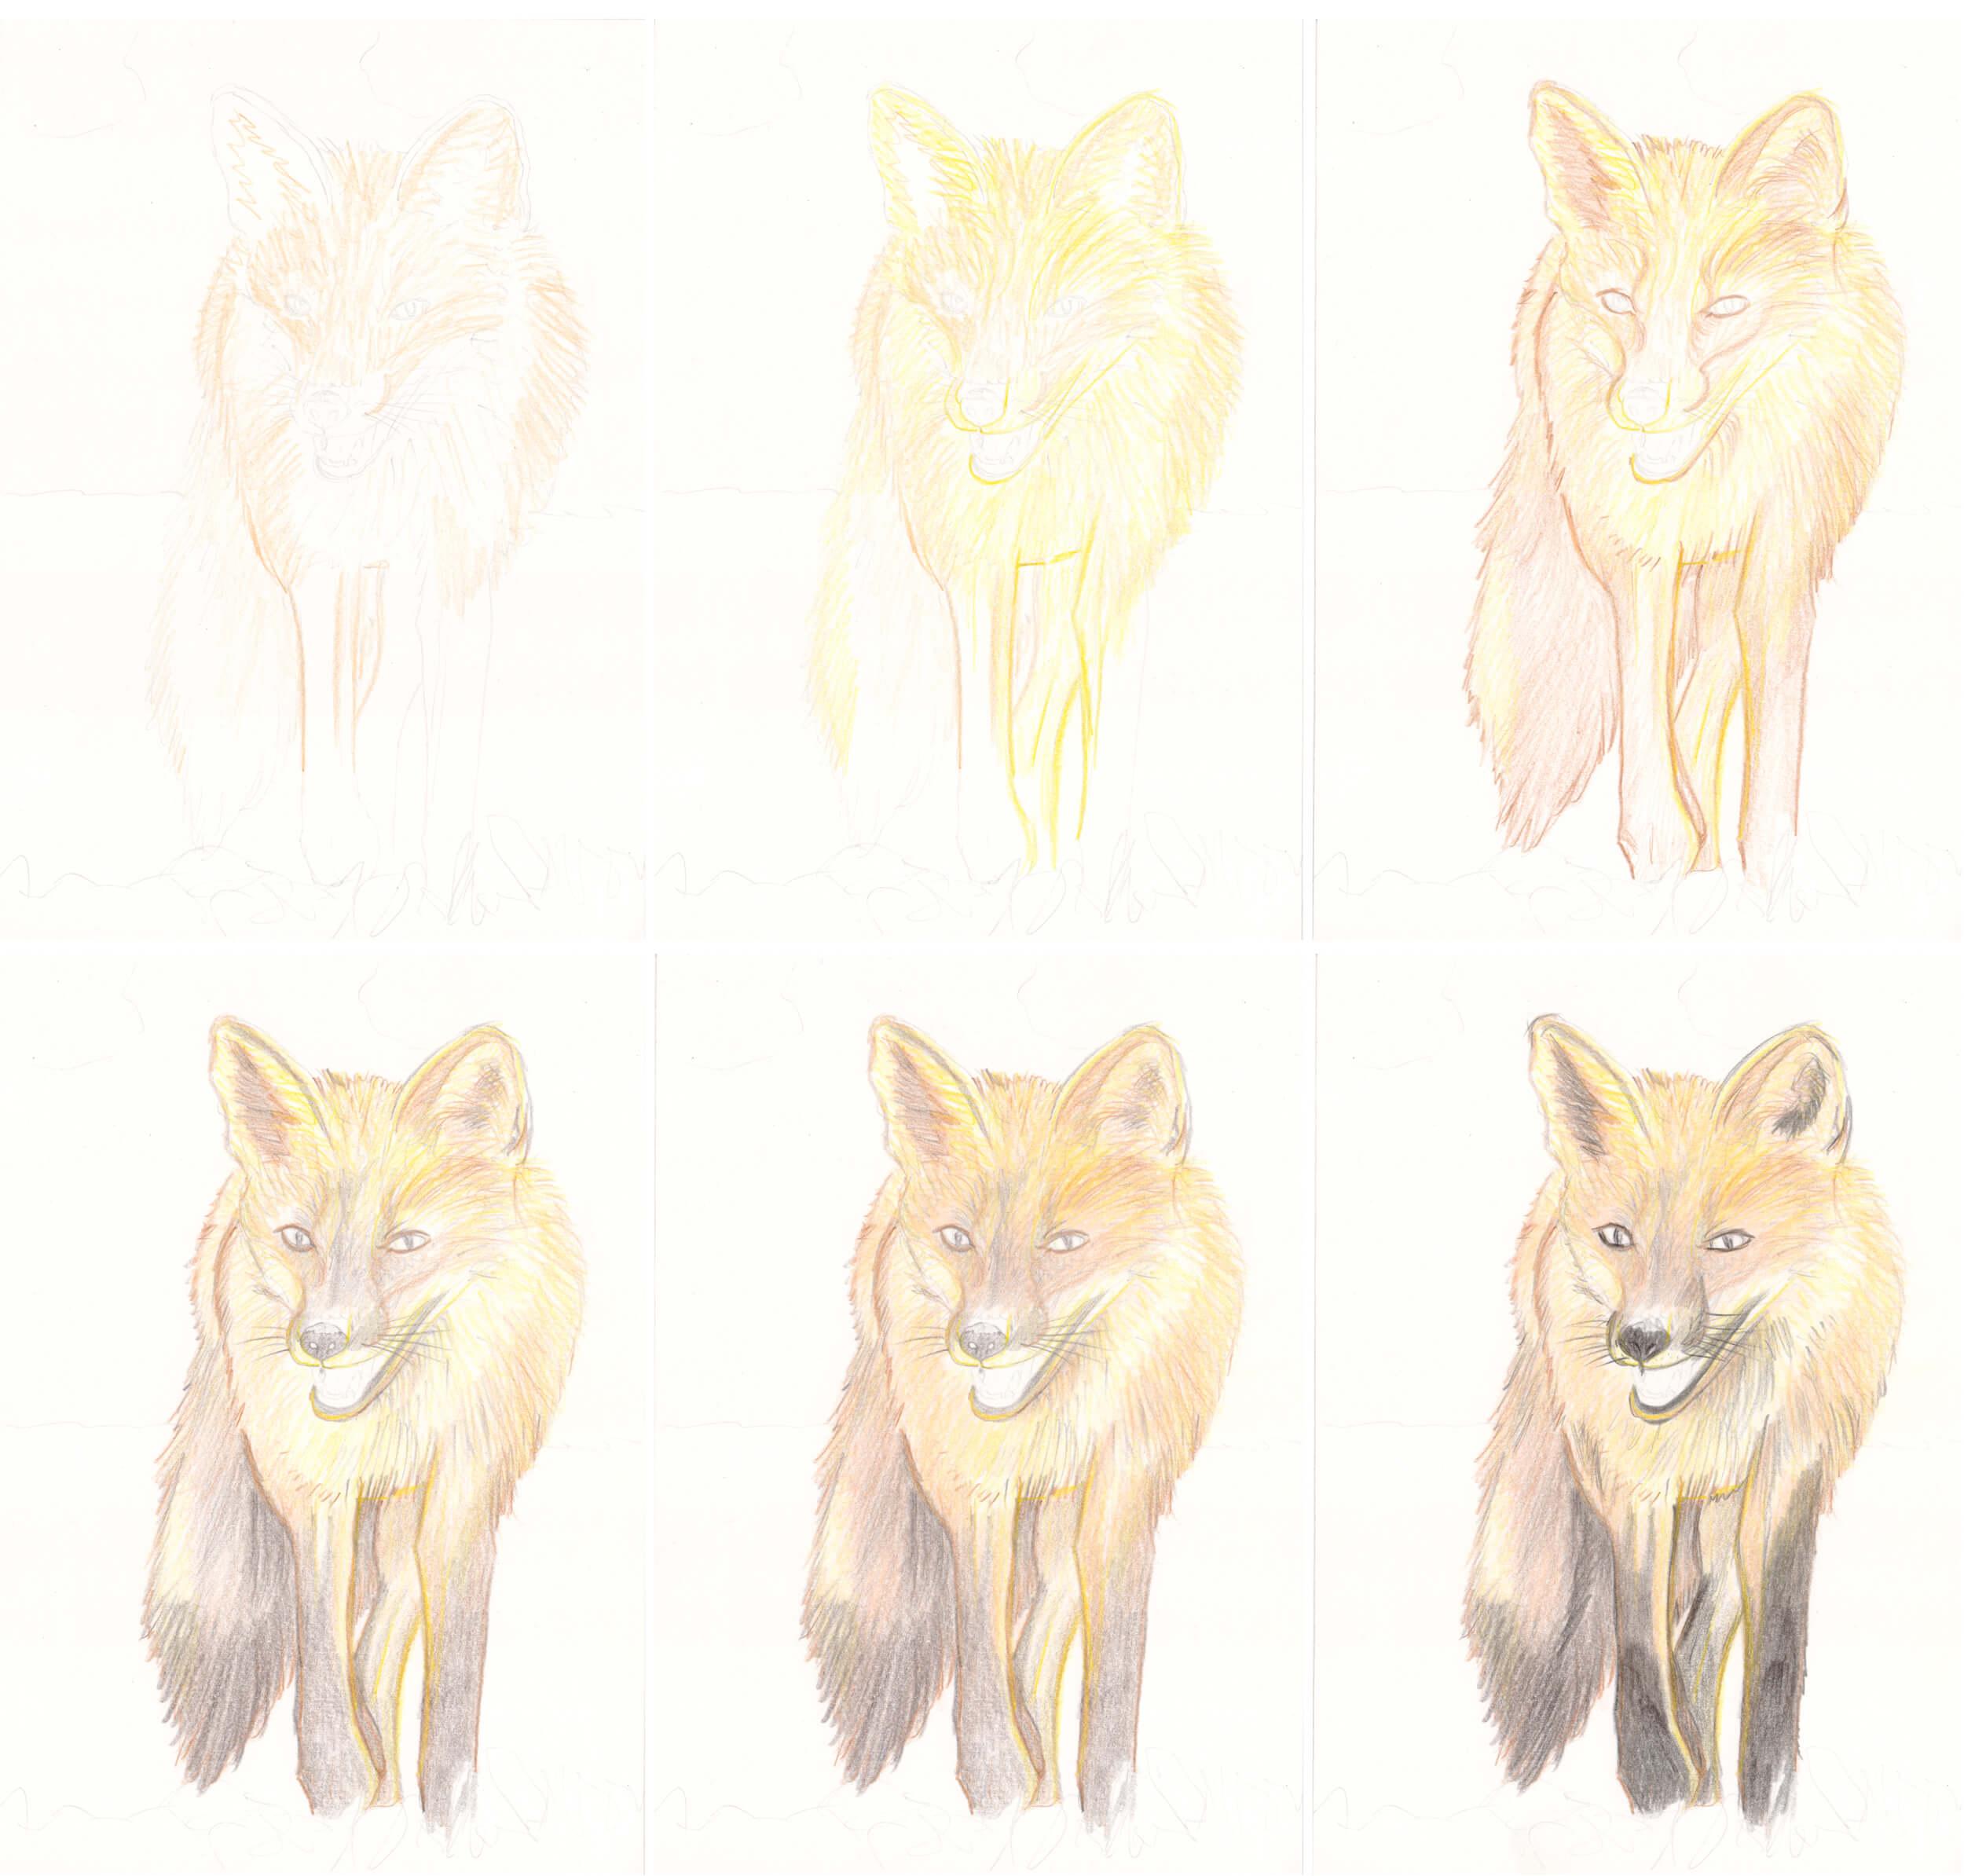 Teil 1: Fuchs zeichnen mit Buntstiften